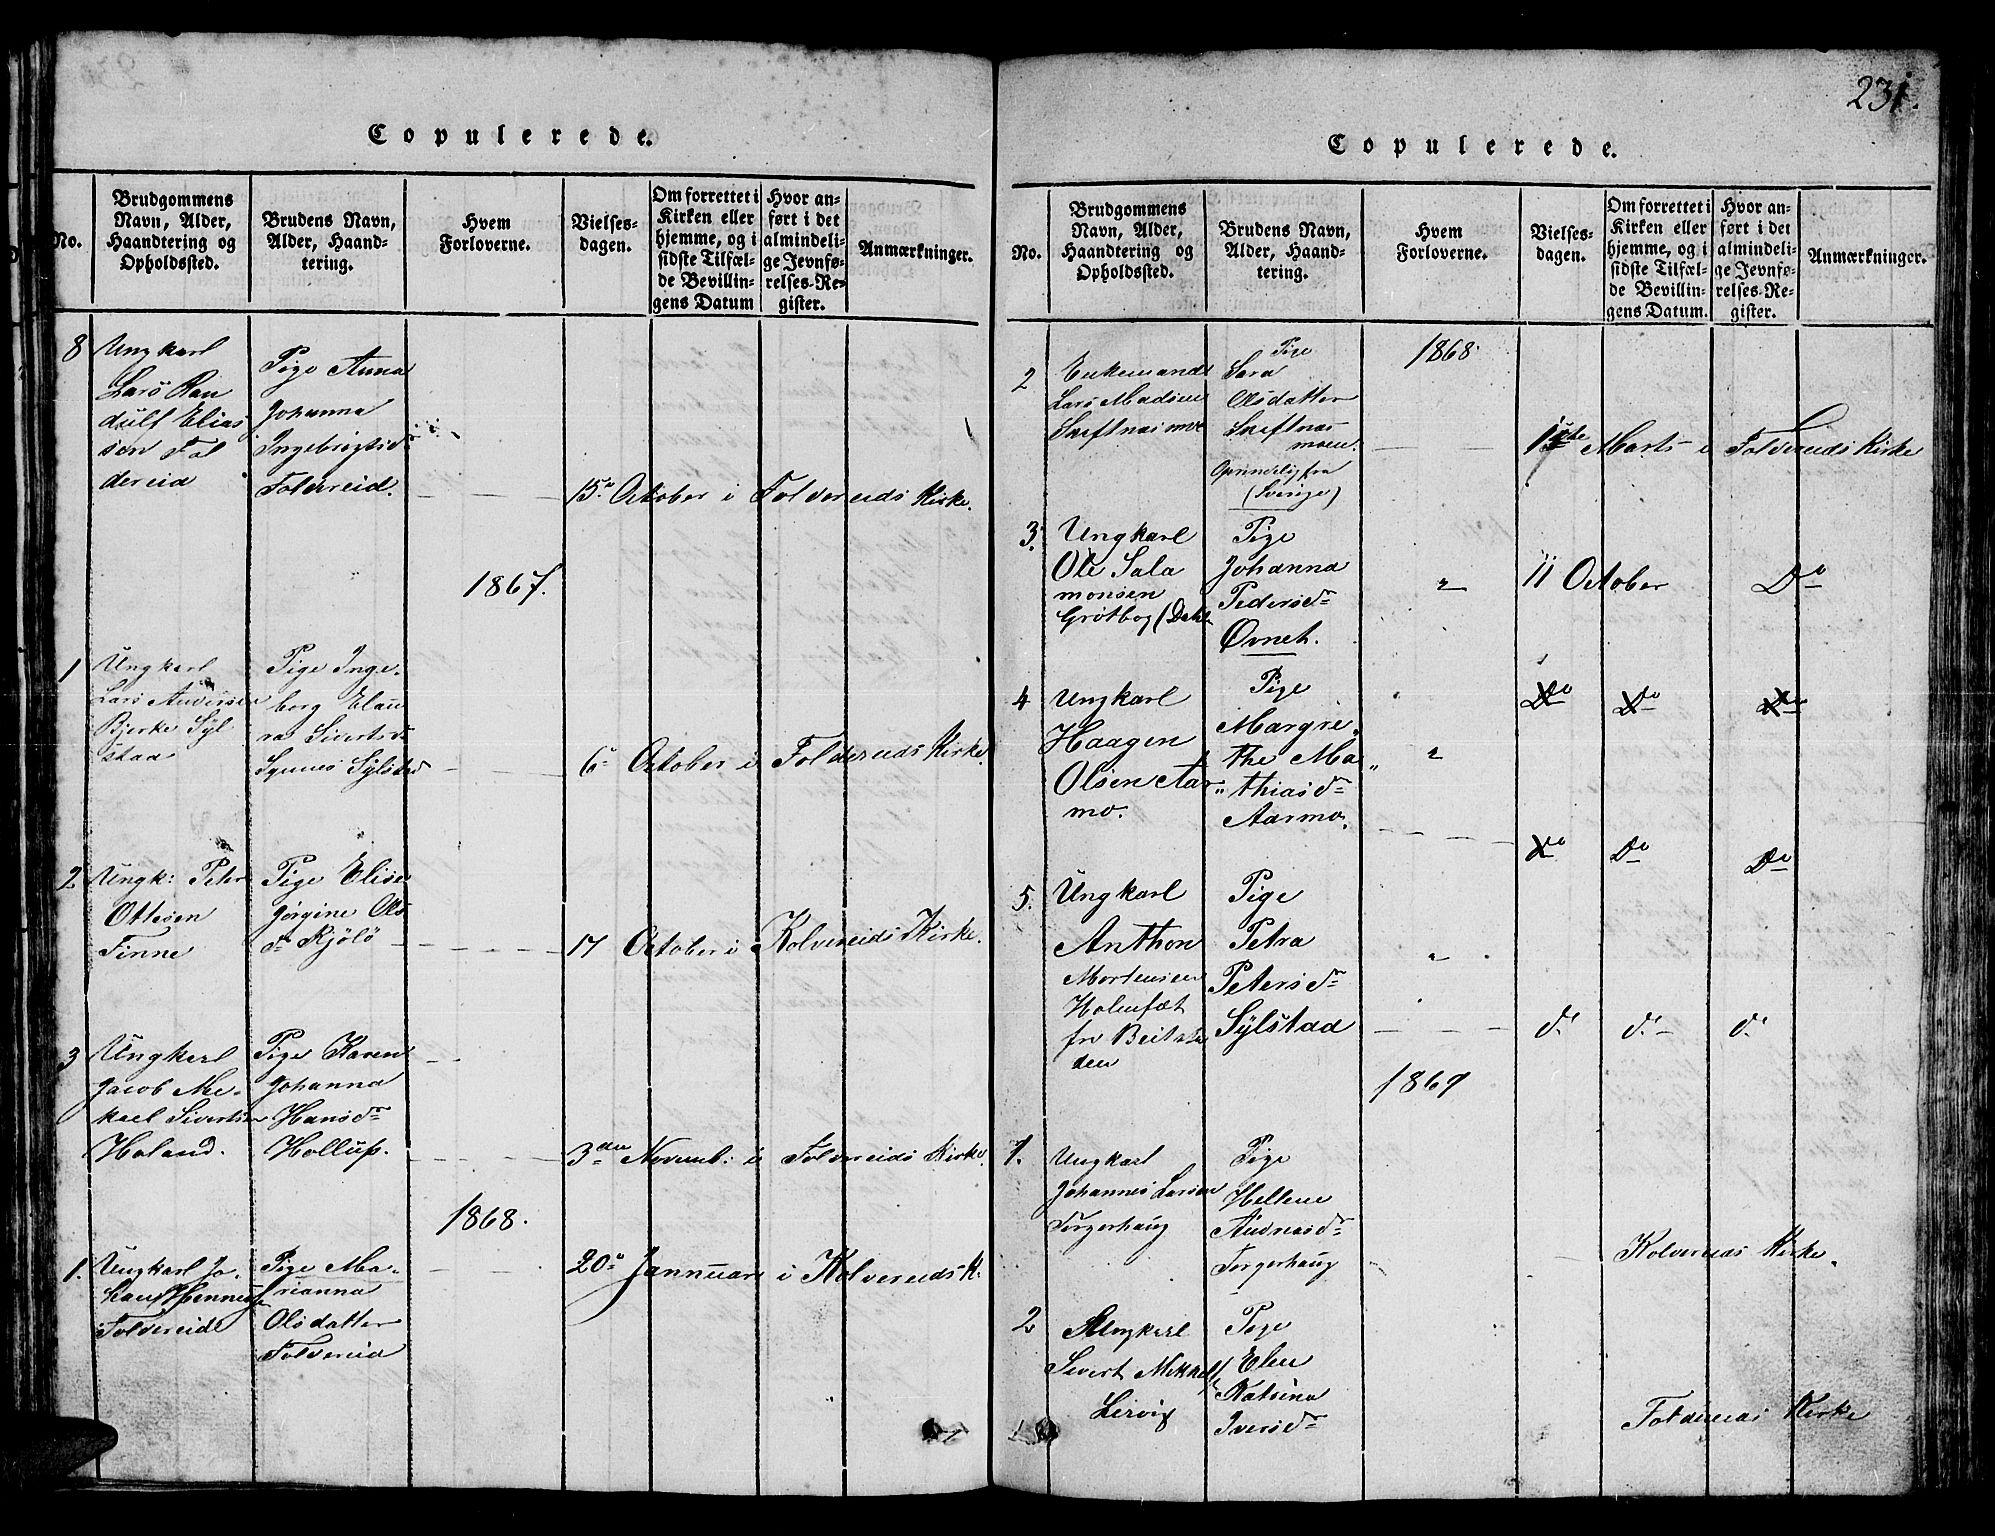 SAT, Ministerialprotokoller, klokkerbøker og fødselsregistre - Nord-Trøndelag, 780/L0648: Klokkerbok nr. 780C01 /3, 1815-1877, s. 231